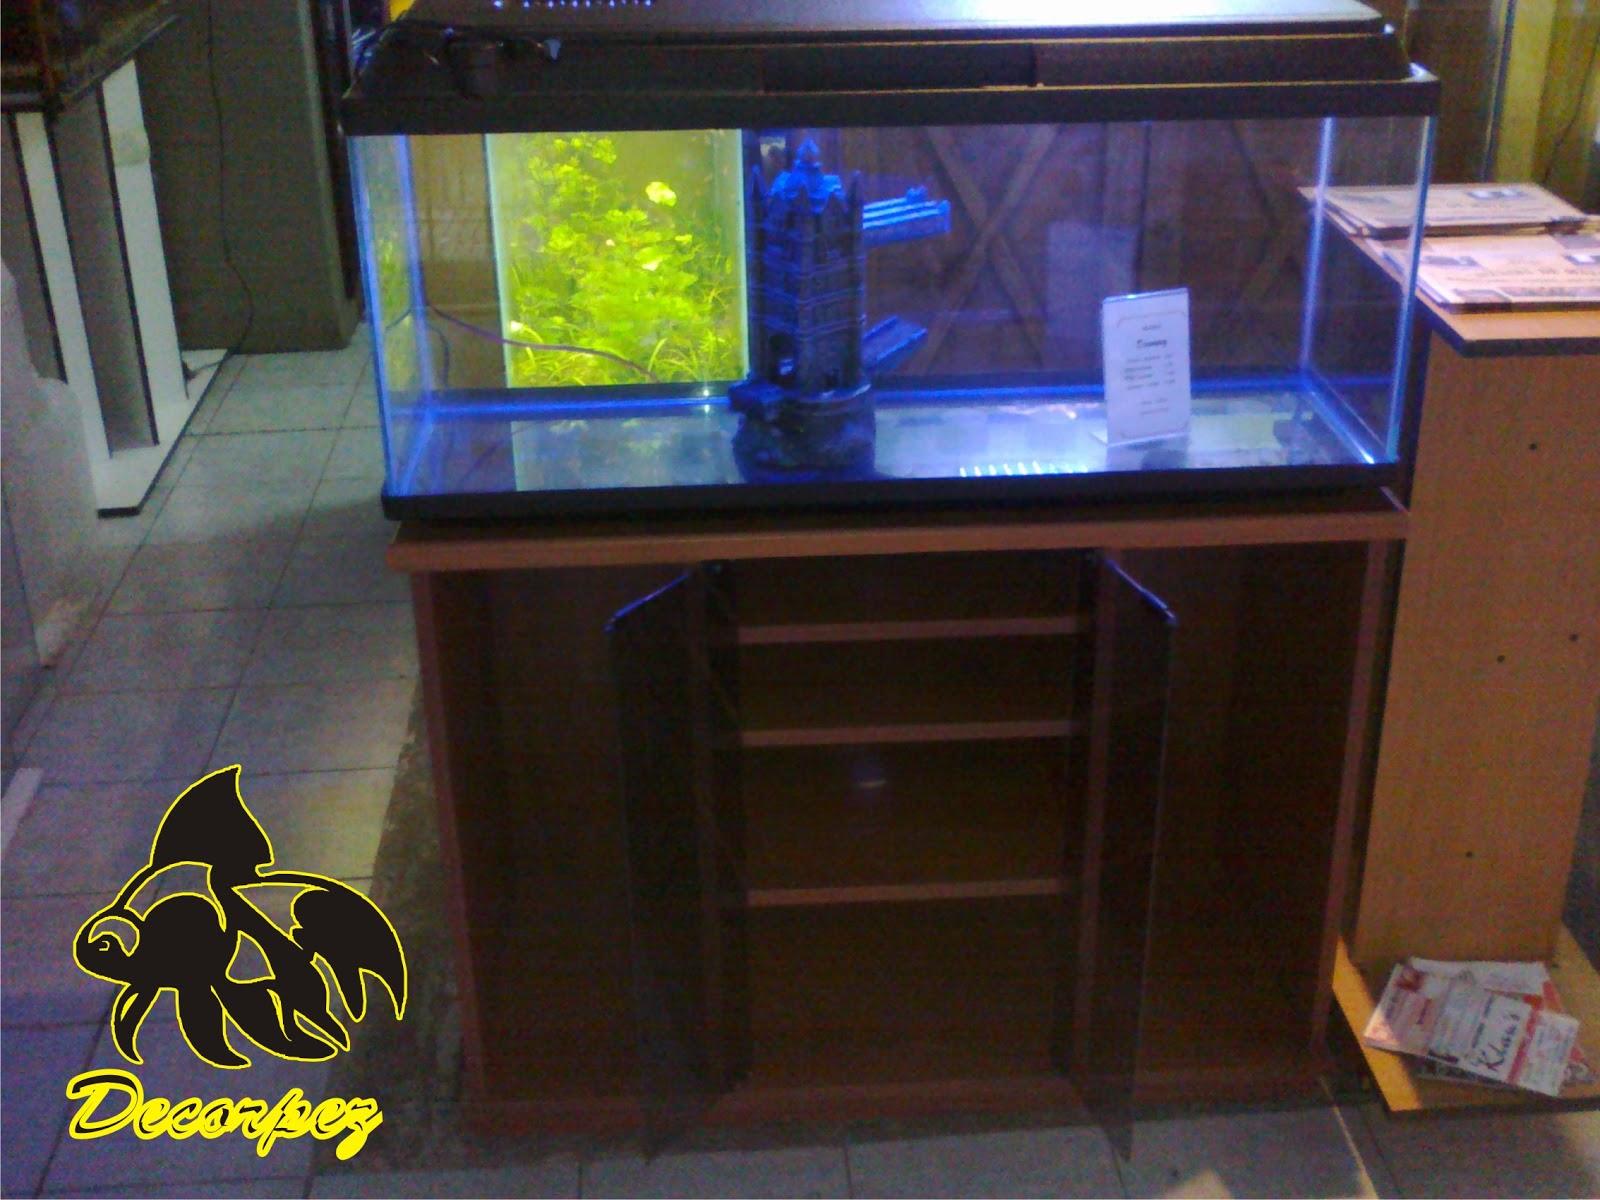 acuarios decorpez mueble para pecera